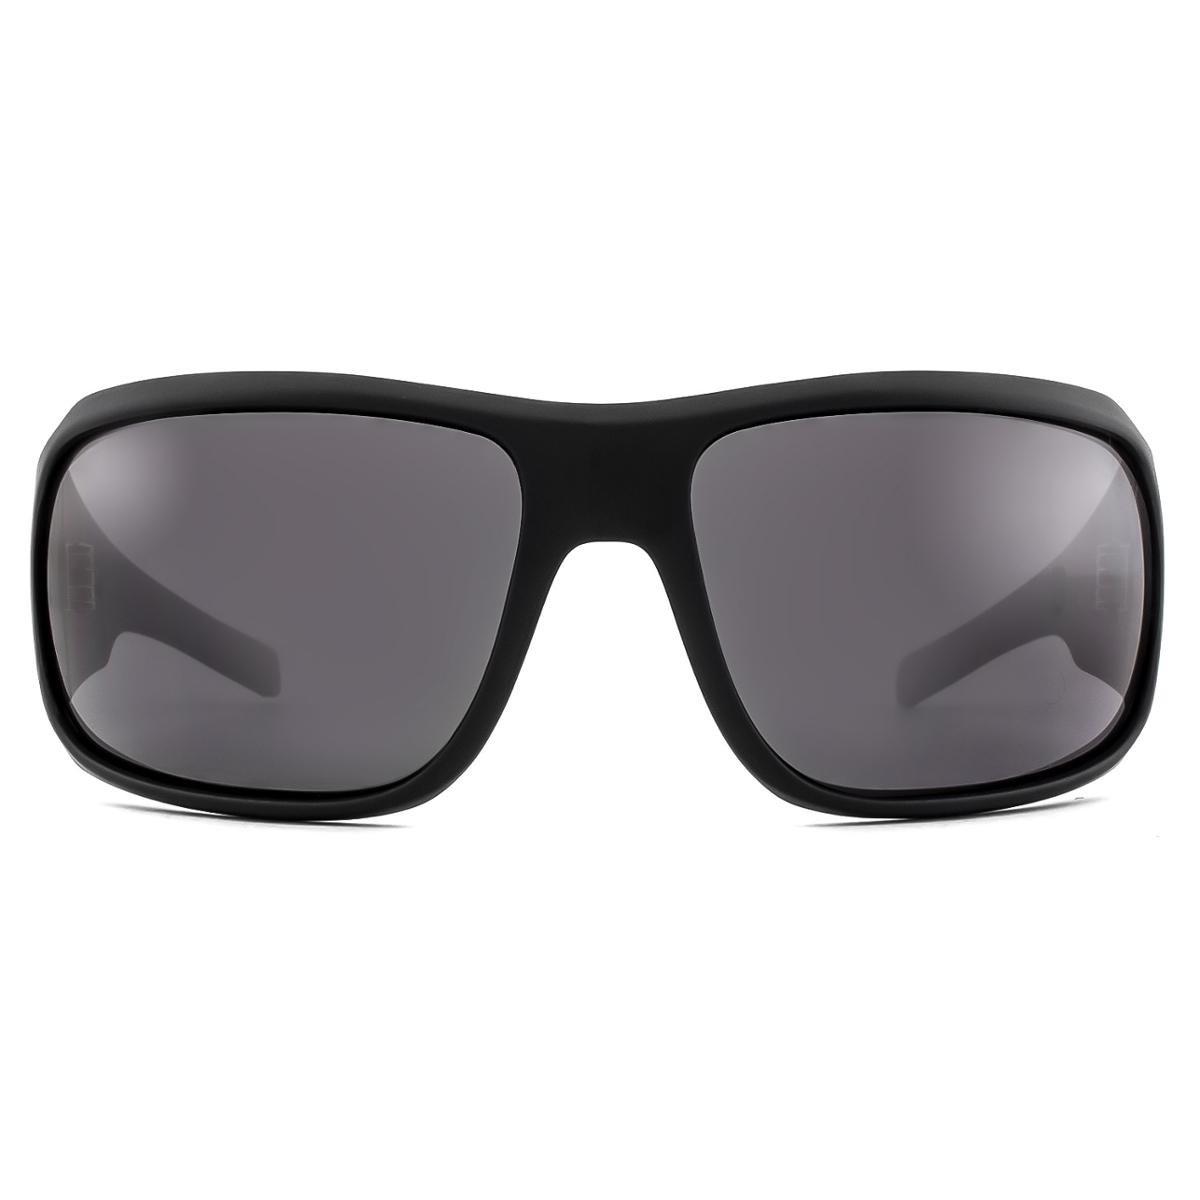 75d071aa81680 Óculos HB Rocker 90086 00100 - Compre Agora   Netshoes